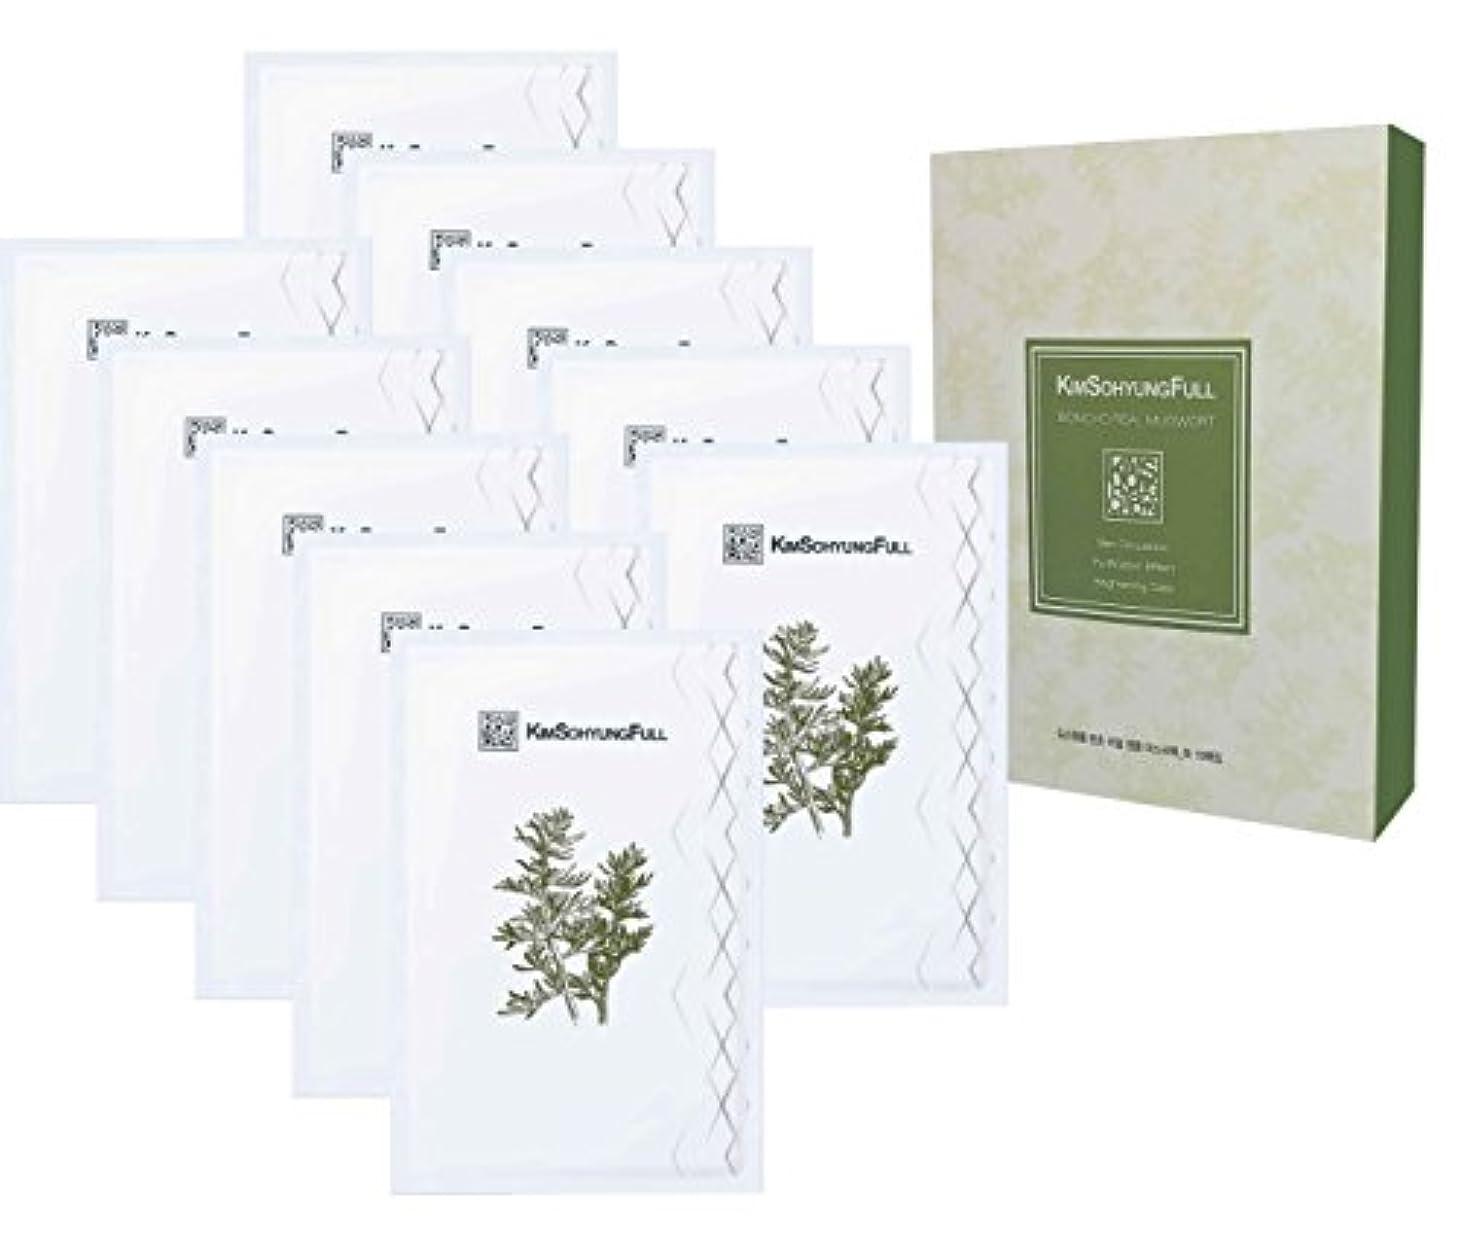 無意識圧縮されたミント[ギムソヒョンフル] 本草 本物のヨモギを使ったシートマスク10枚パック -本物のヨモギの葉を8%配合、革新的な3層式の100%天然植物由来シート、23ml / 0.77液体オンス